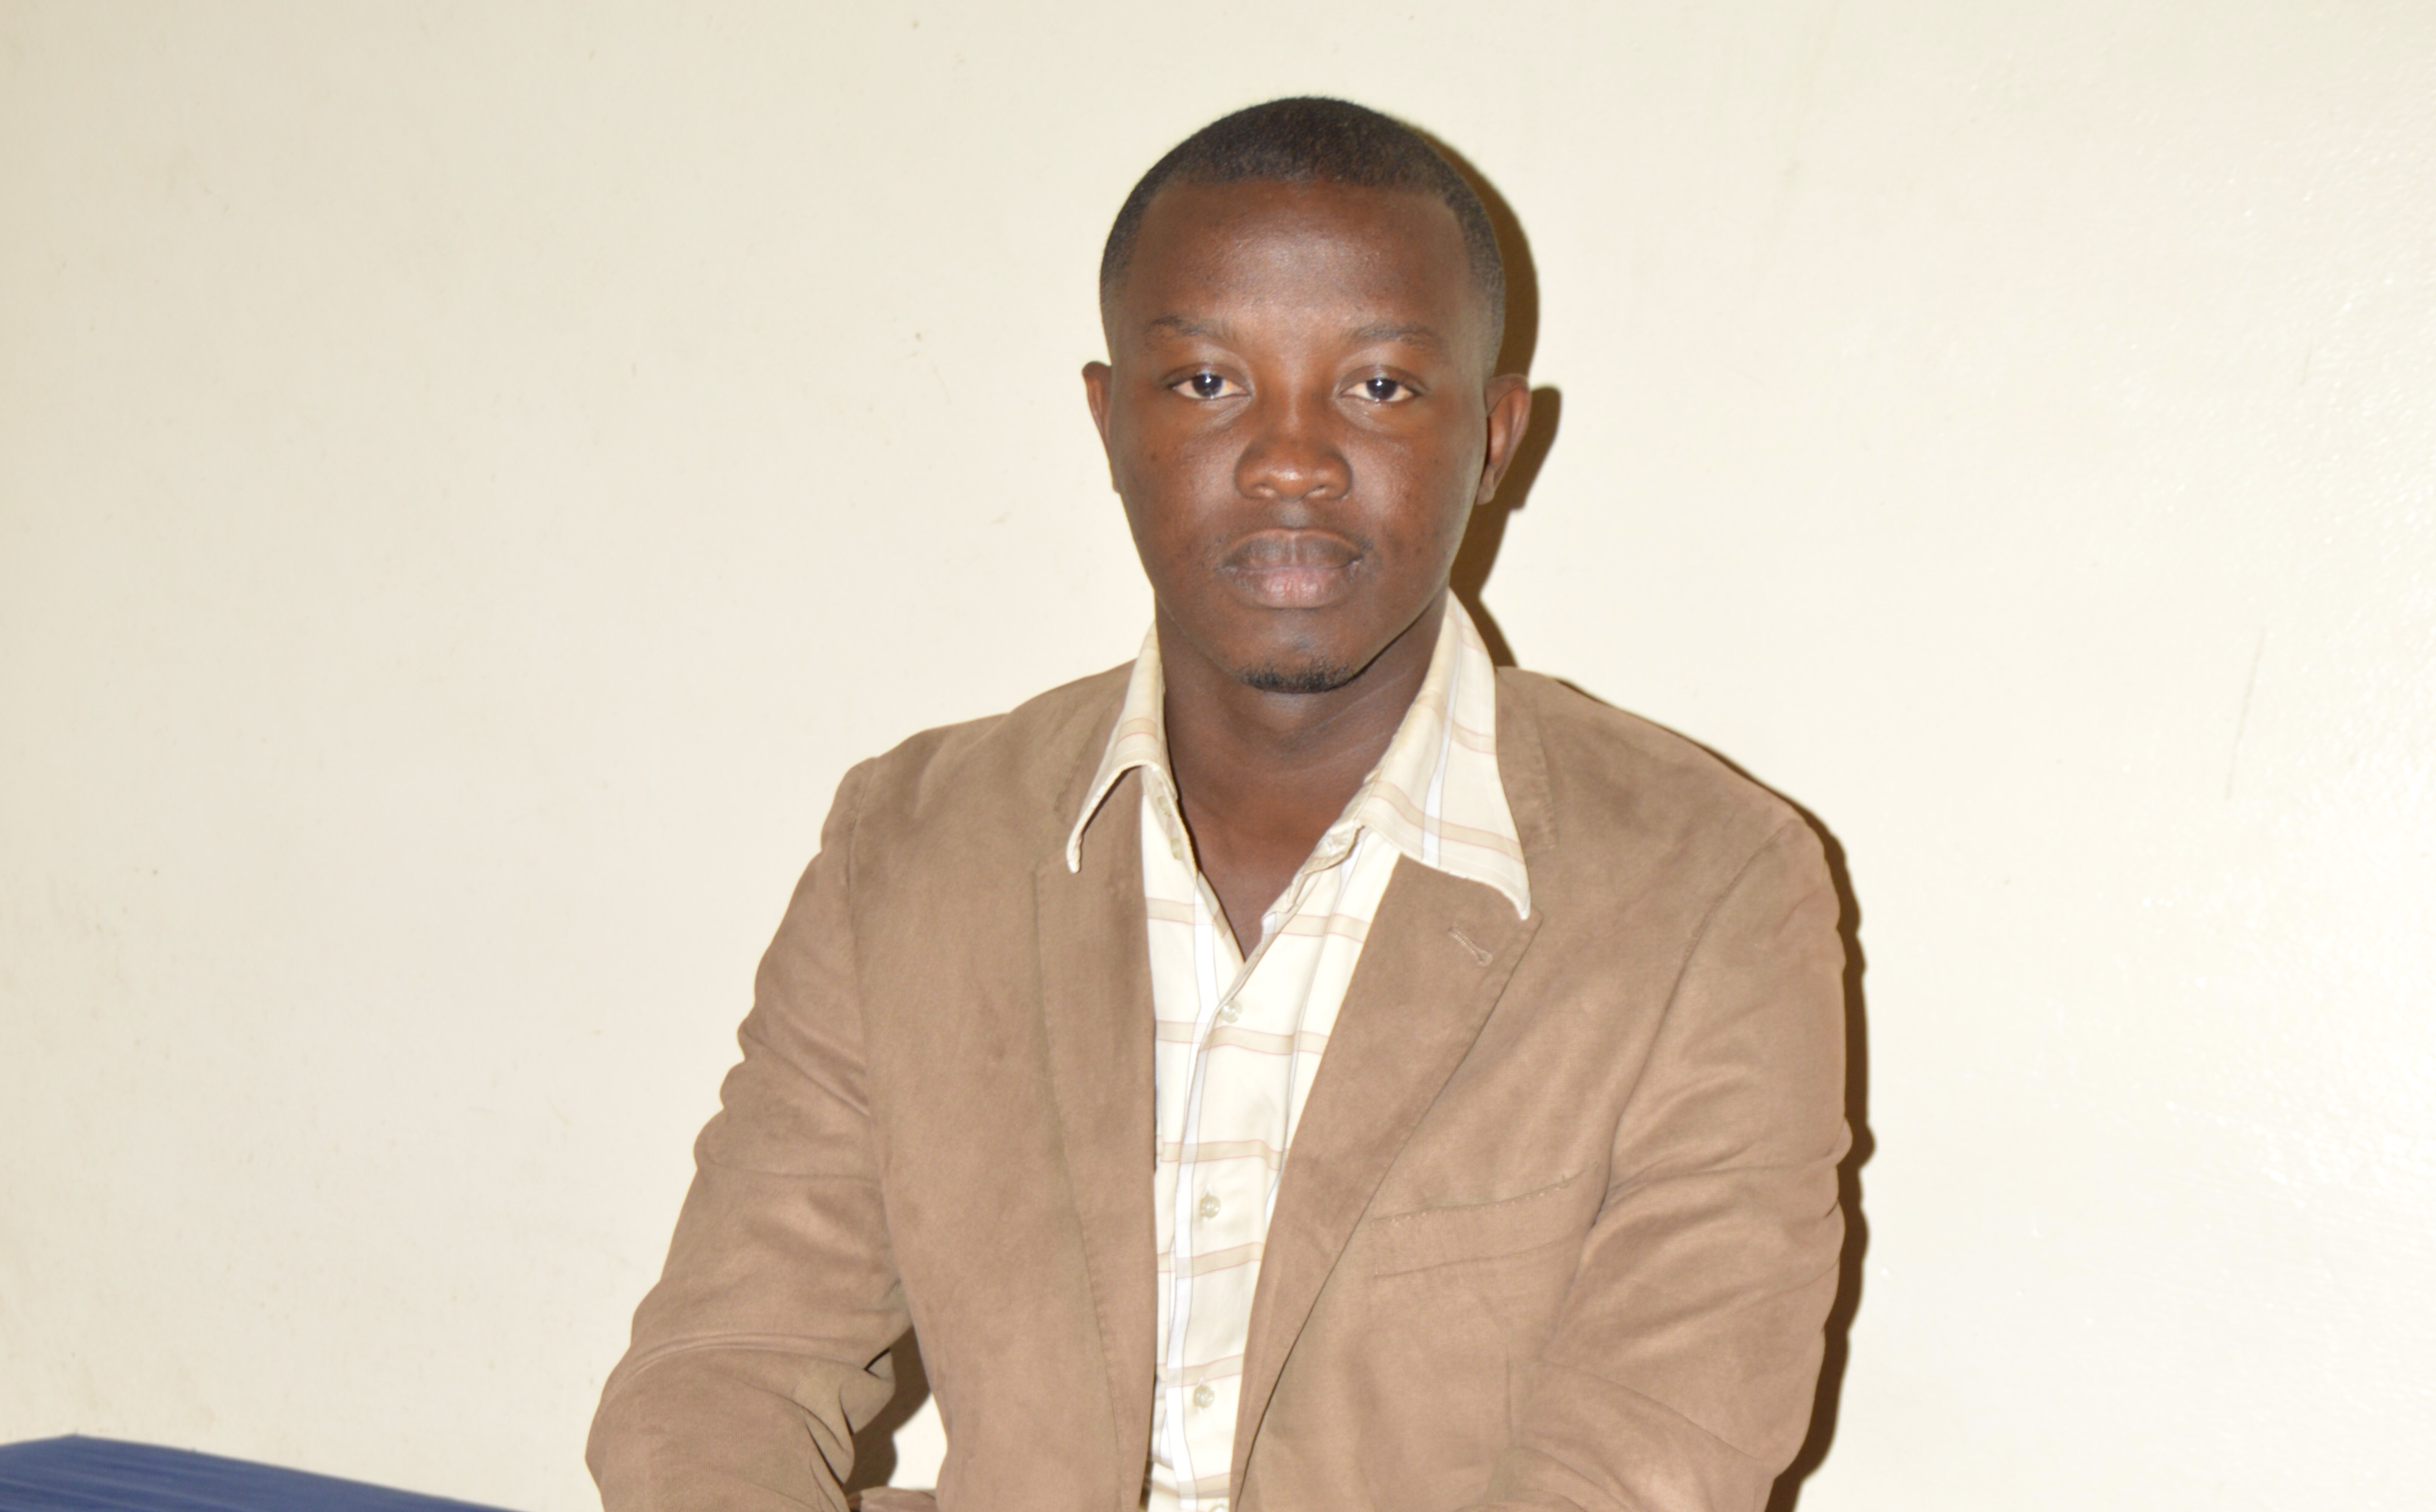 Projet d'exploitation du zircon de la Casamance – La France prête à mettre la Casamance à feu et à sang!!!